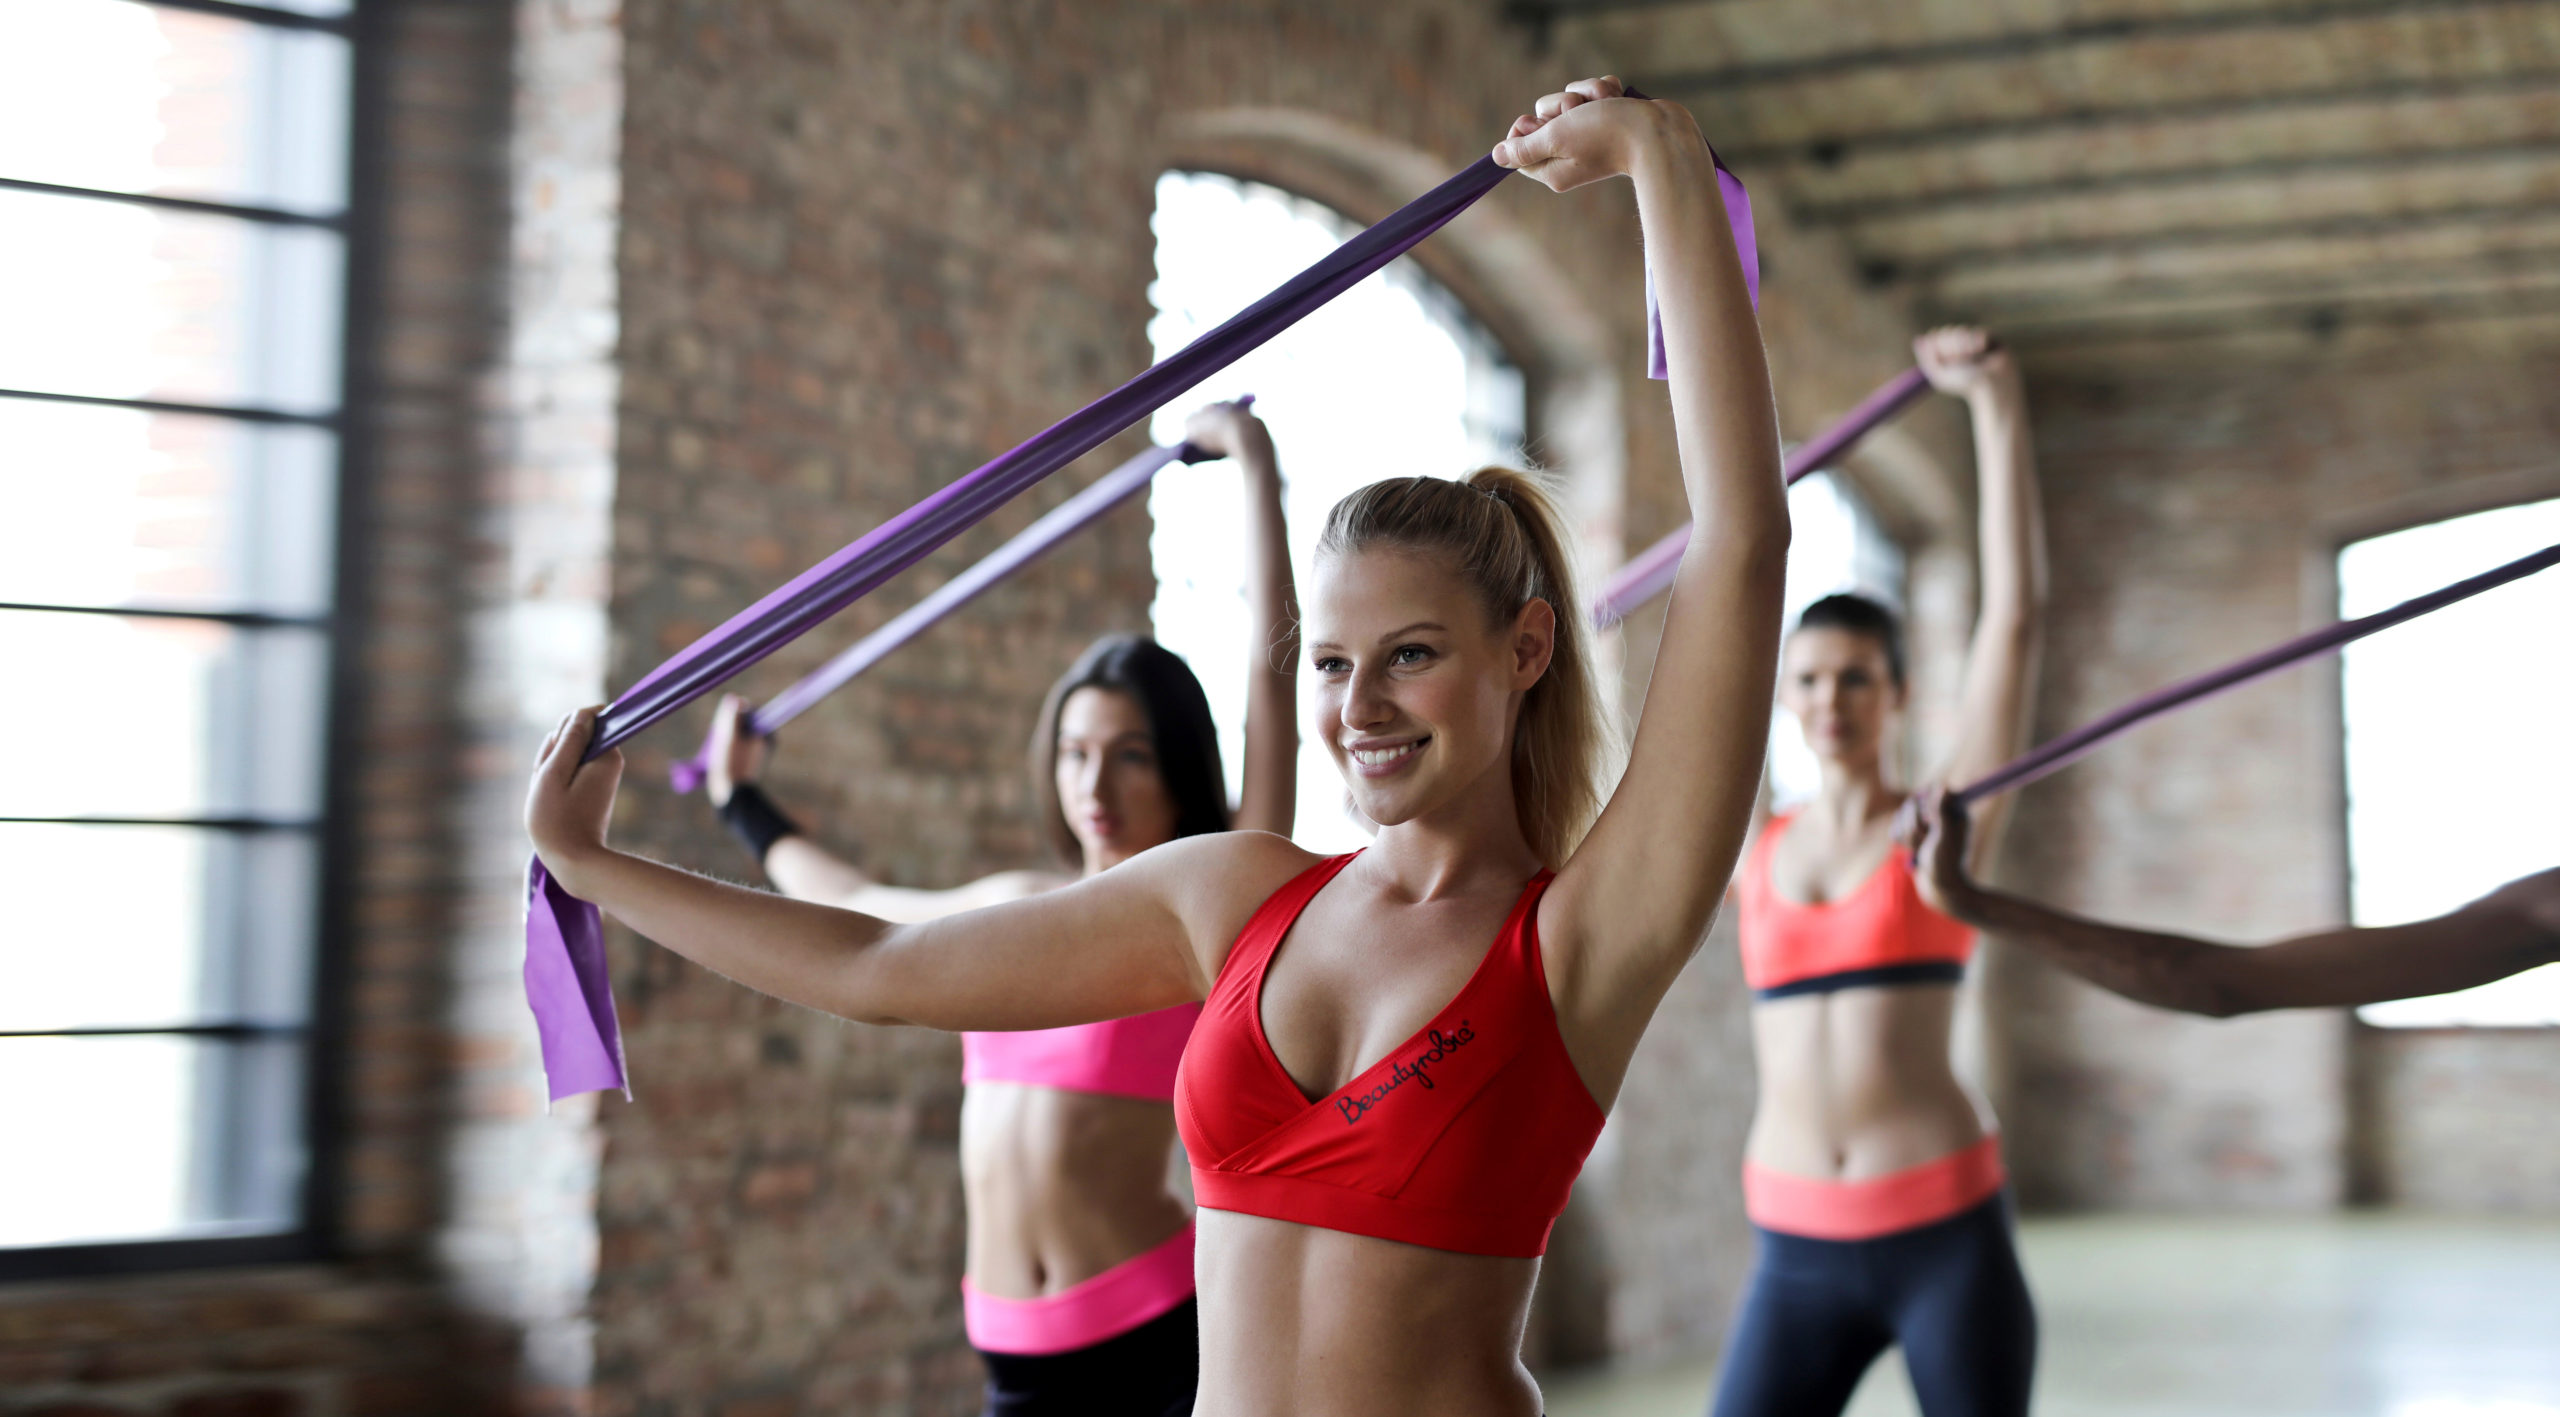 Марье Клаукс: сохраняйте физическую активность, каждый день!